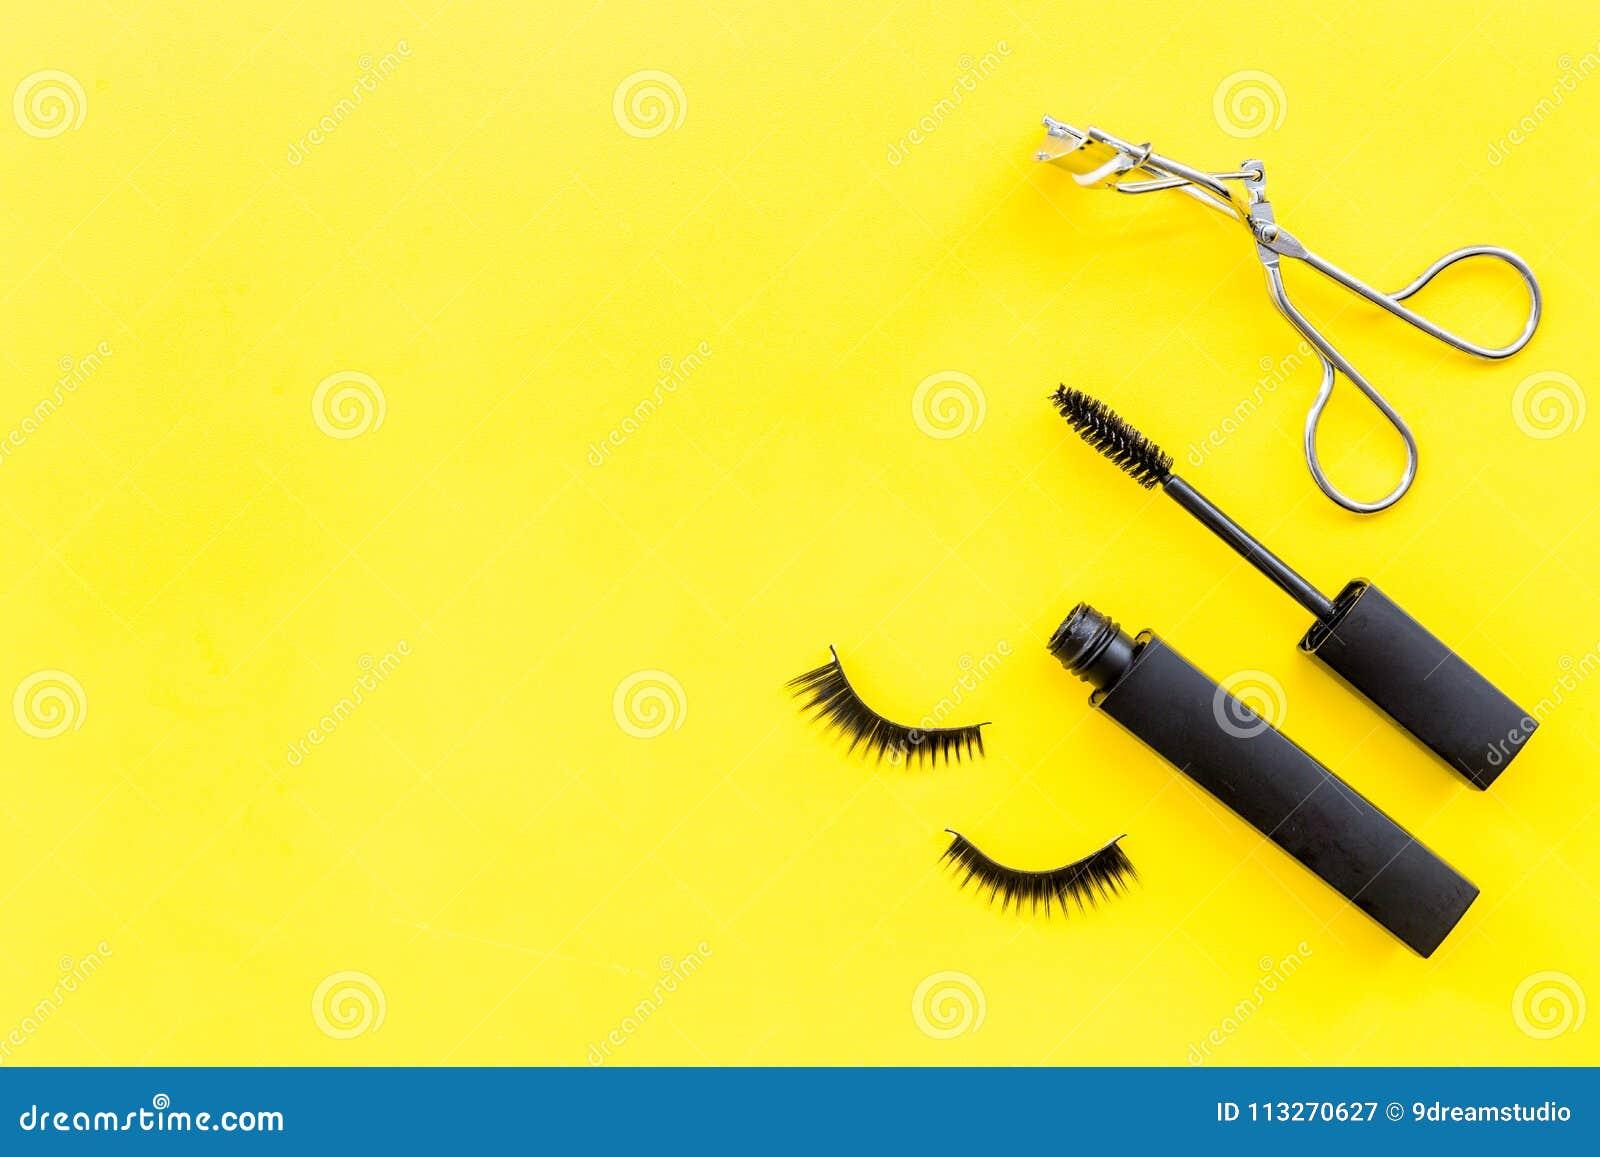 ea66f8f31c5 Makeup set for expressive eyelashes. Mascara, false eyelashes, eyelash  curler on yellow background